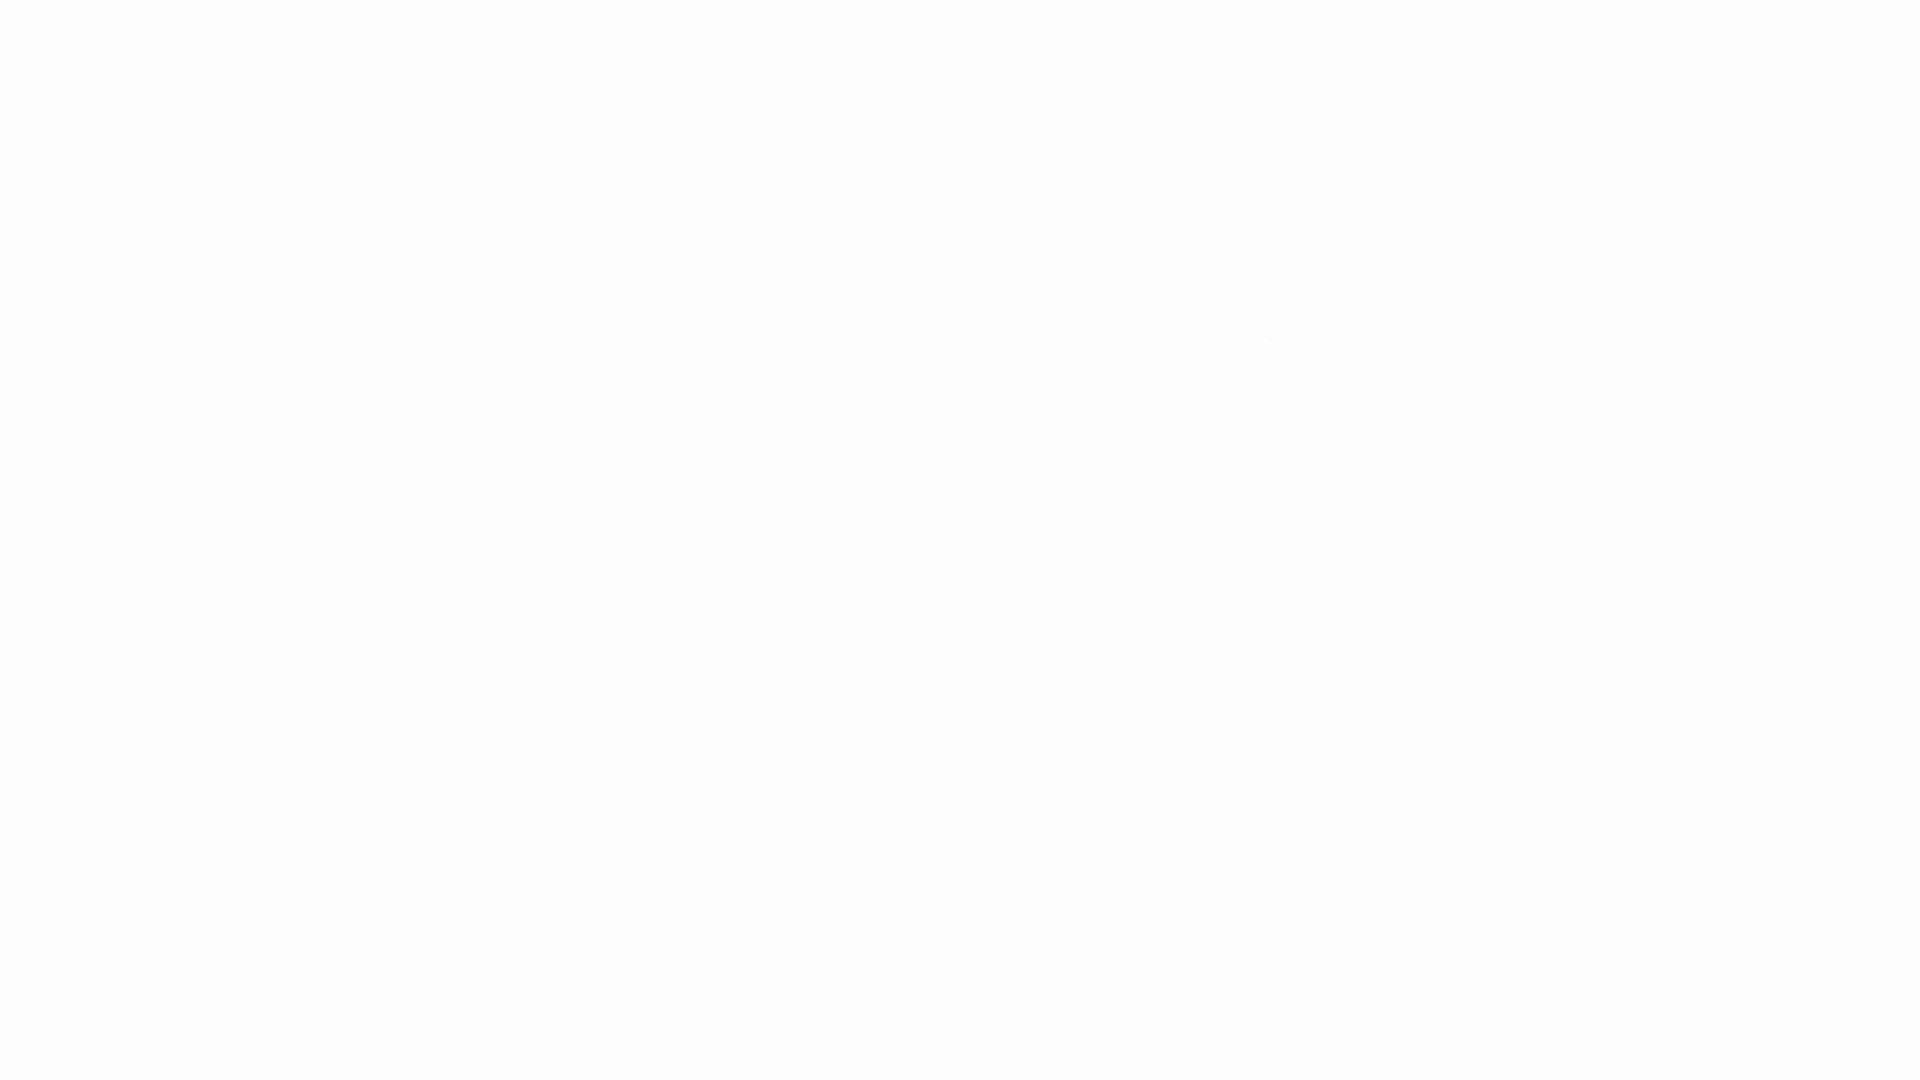 上級者の方専用 vol.03 OLのエロ生活  68連発 44